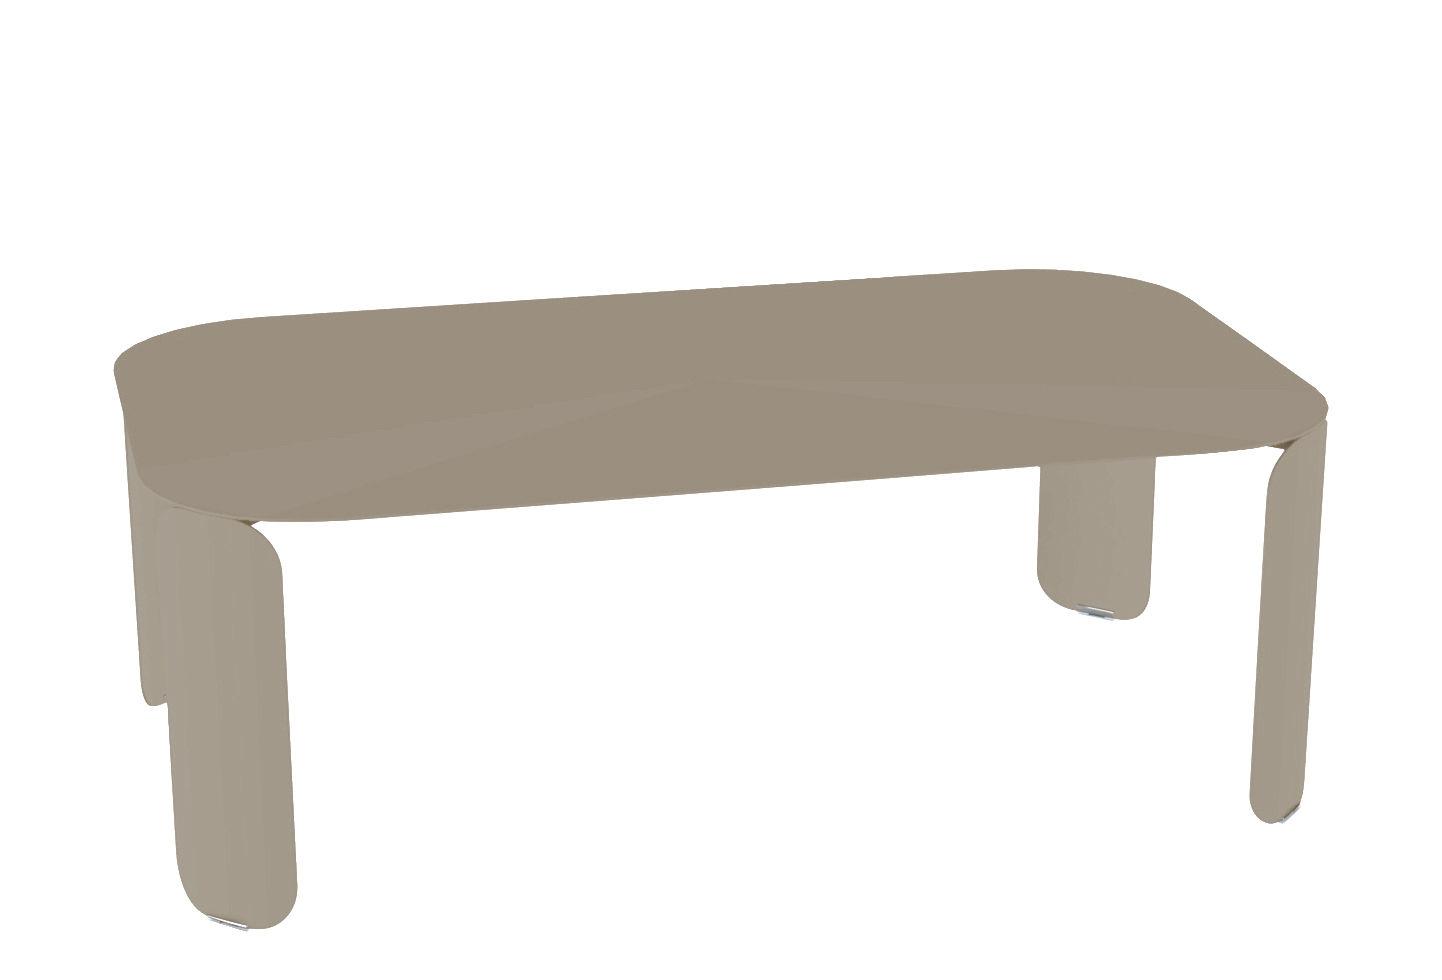 Arredamento - Tavolini  - Tavolino Bebop - / 120 x 70 x H 42 cm di Fermob - Noce moscata - Acciaio, Alluminio